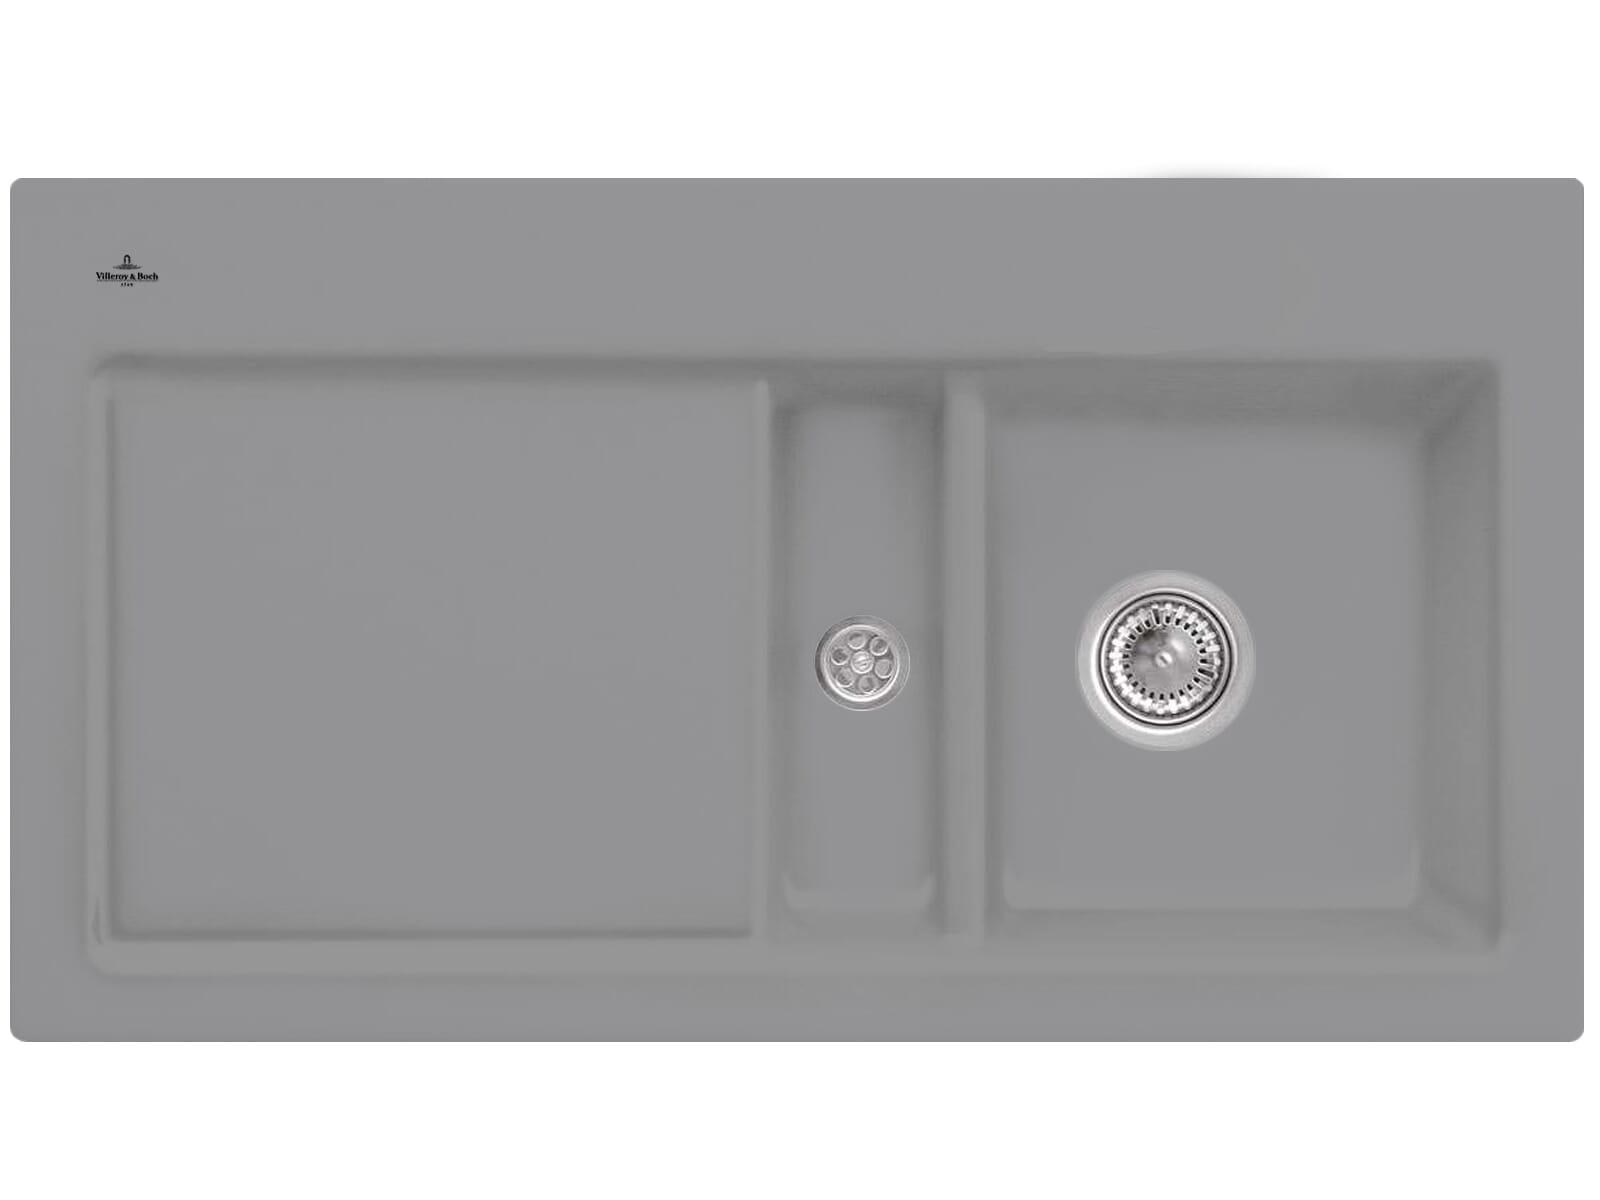 Villeroy & Boch Subway 50 Stone - 6713 01 SL Keramikspüle Handbetätigung